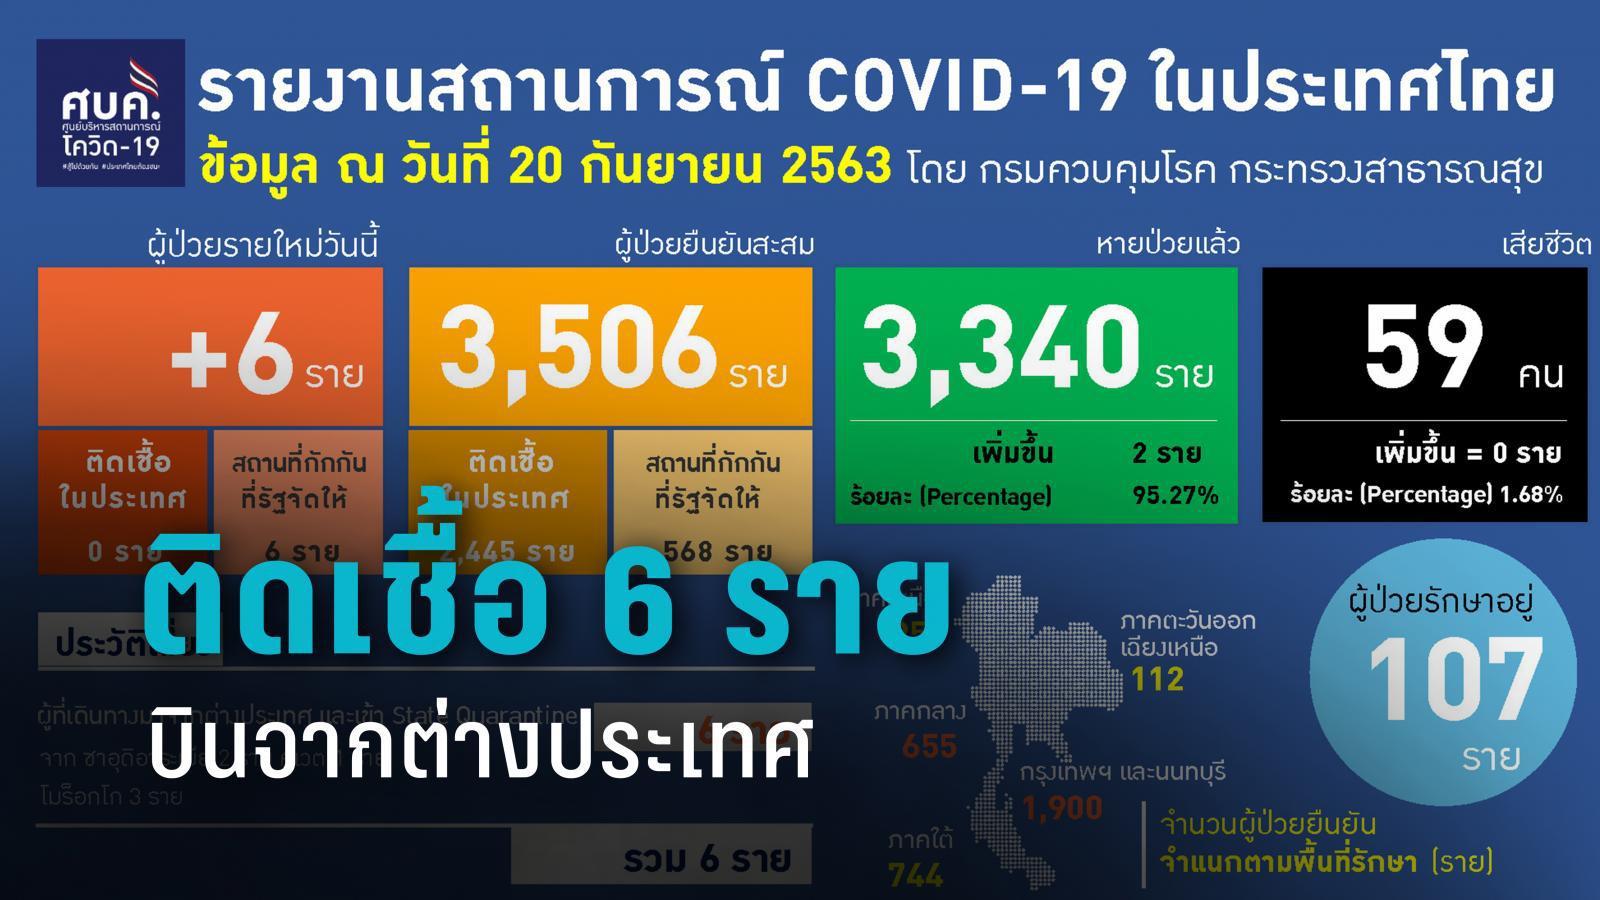 ศบค. เผย พบติดโควิด-19 เพิ่ม 6 ราย บินจากซาอุฯ คูเวต โมร็อกโก